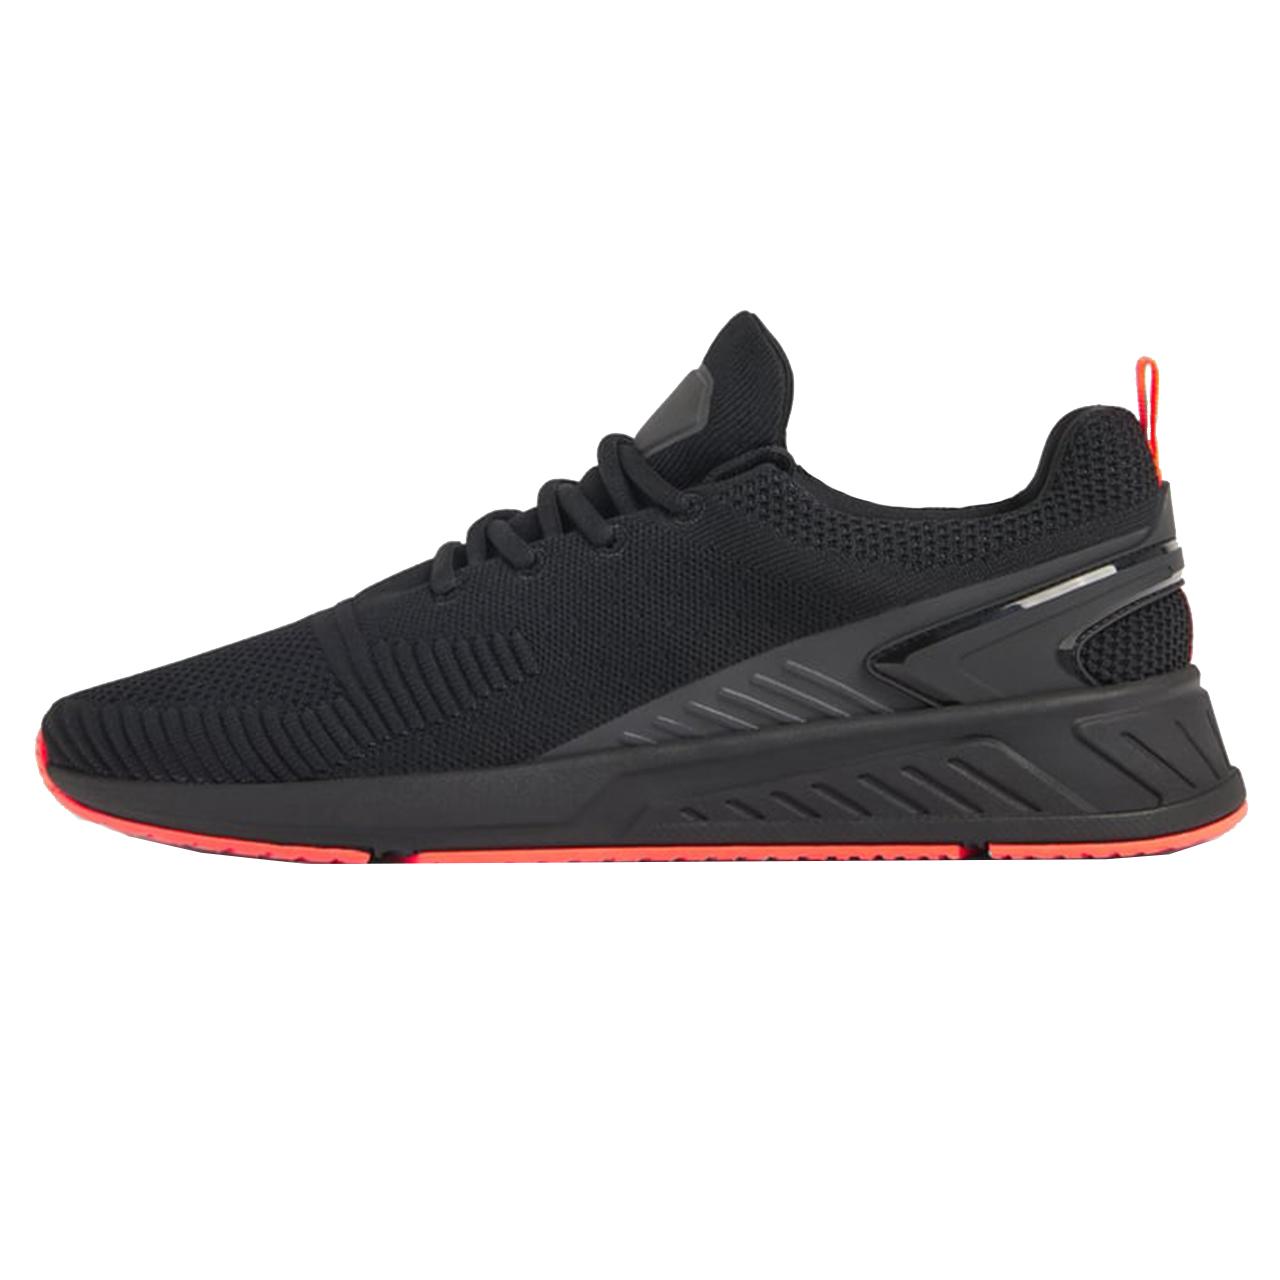 قیمت کفش راحتی مردانه زارا مدل 2214/002 رنگ مشکی